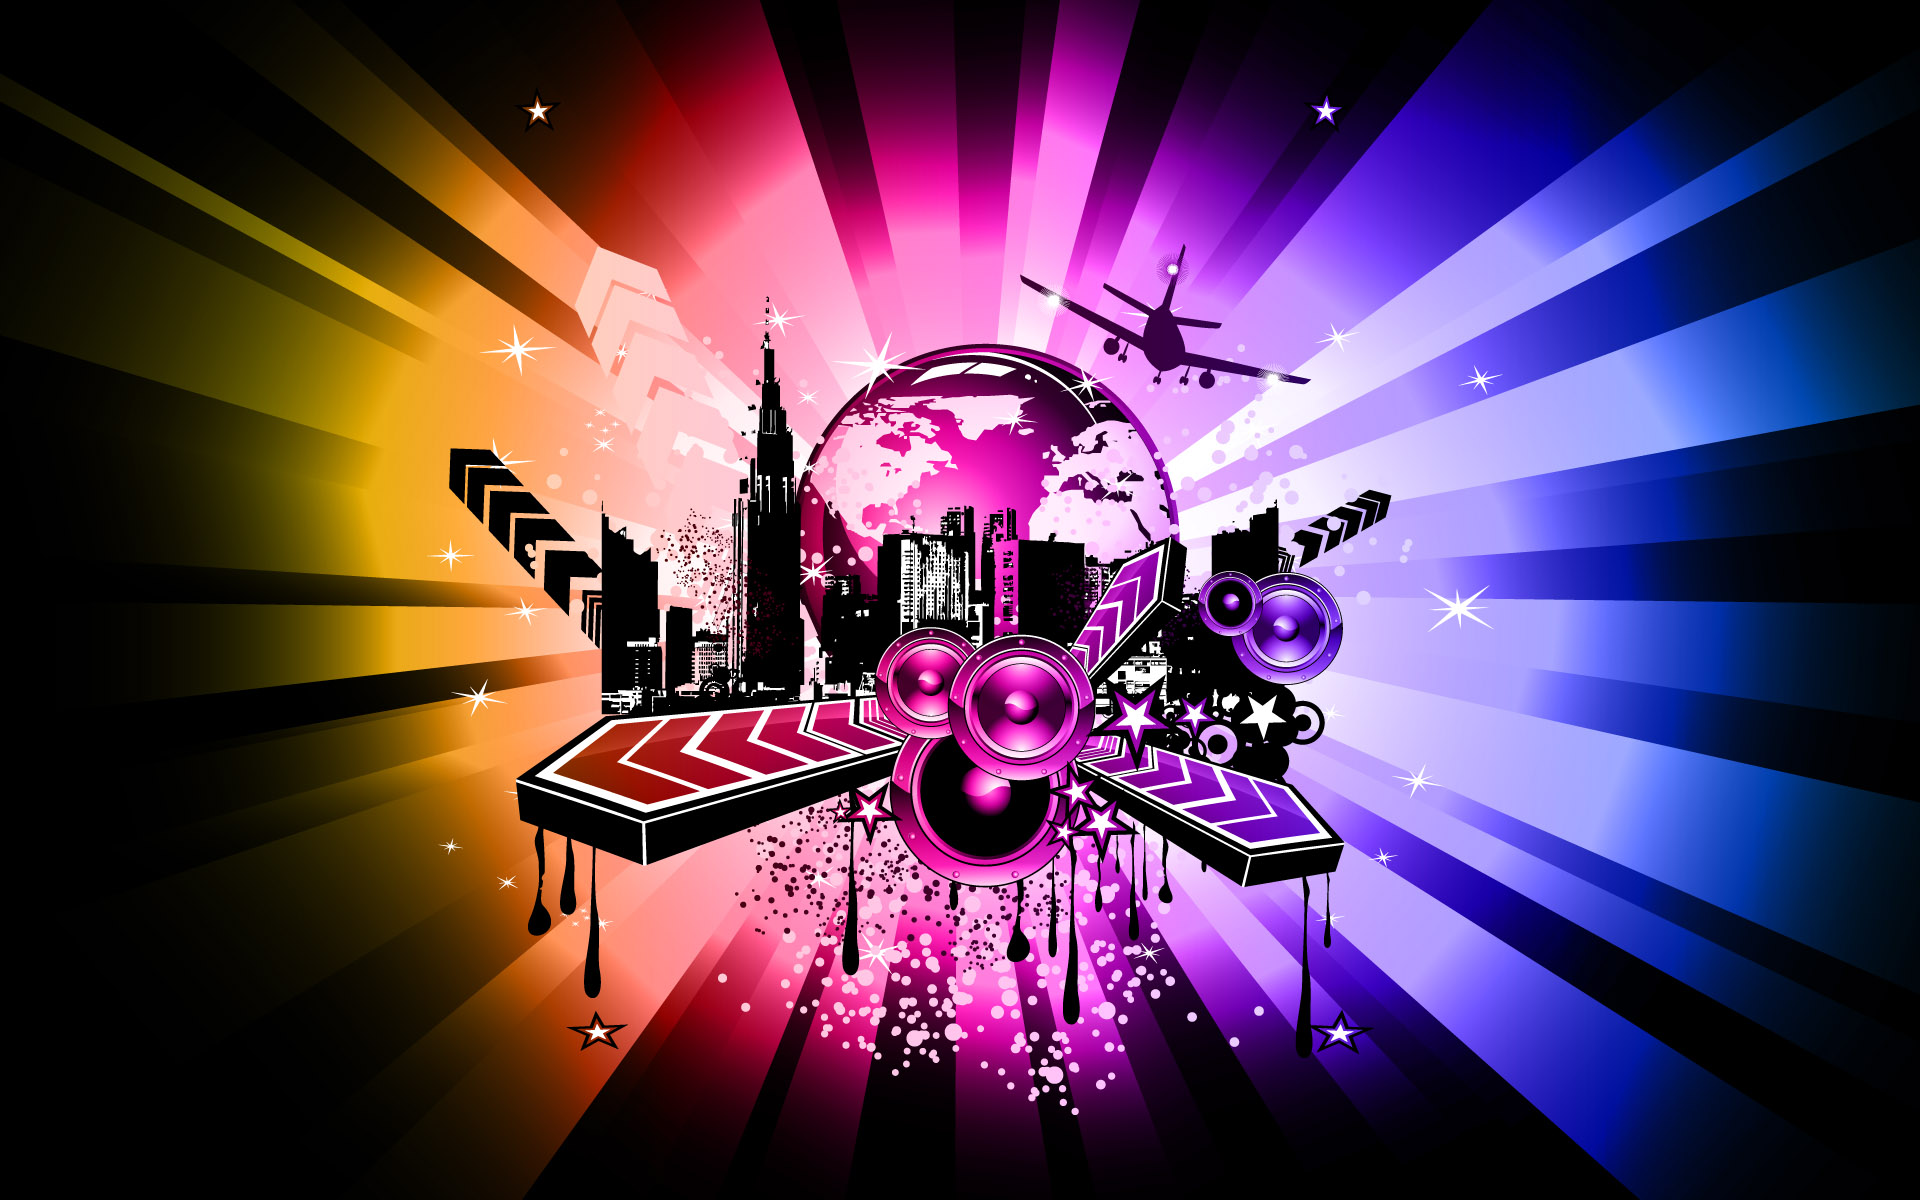 Desktop Wallpaper Music wallpaper Abstract Desktop Wallpaper Music 1920x1200